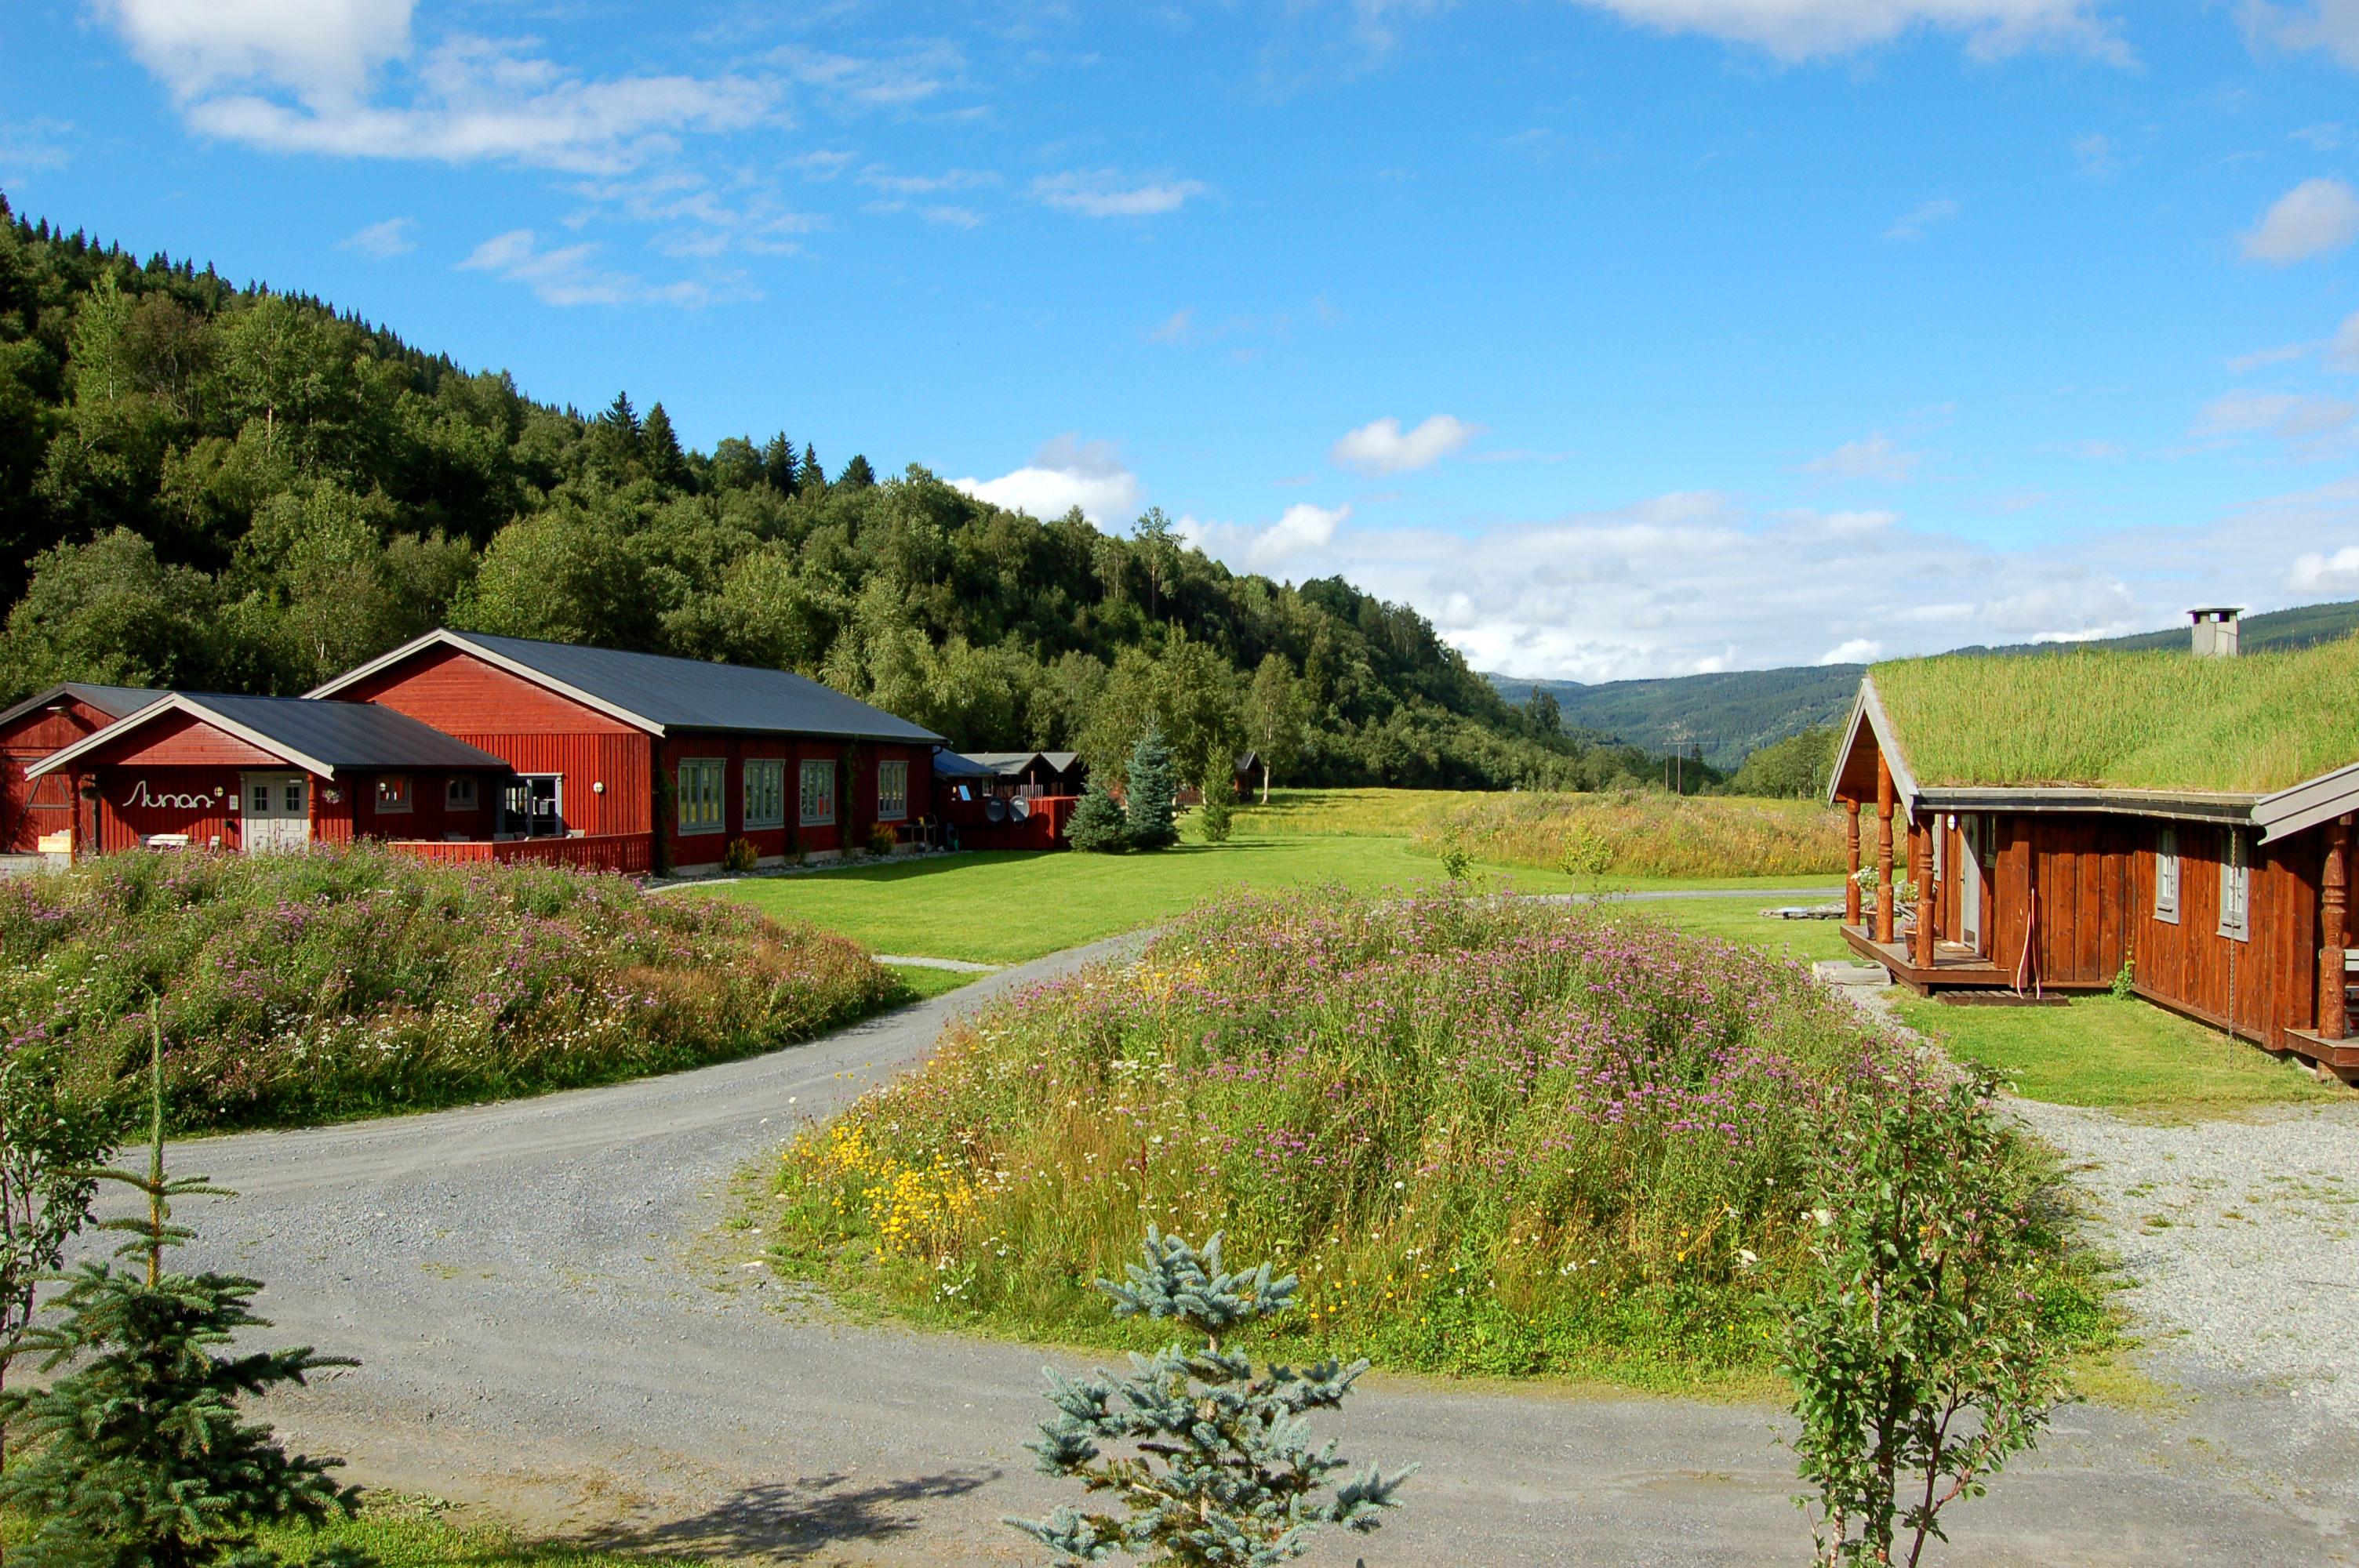 Aunan Lodge